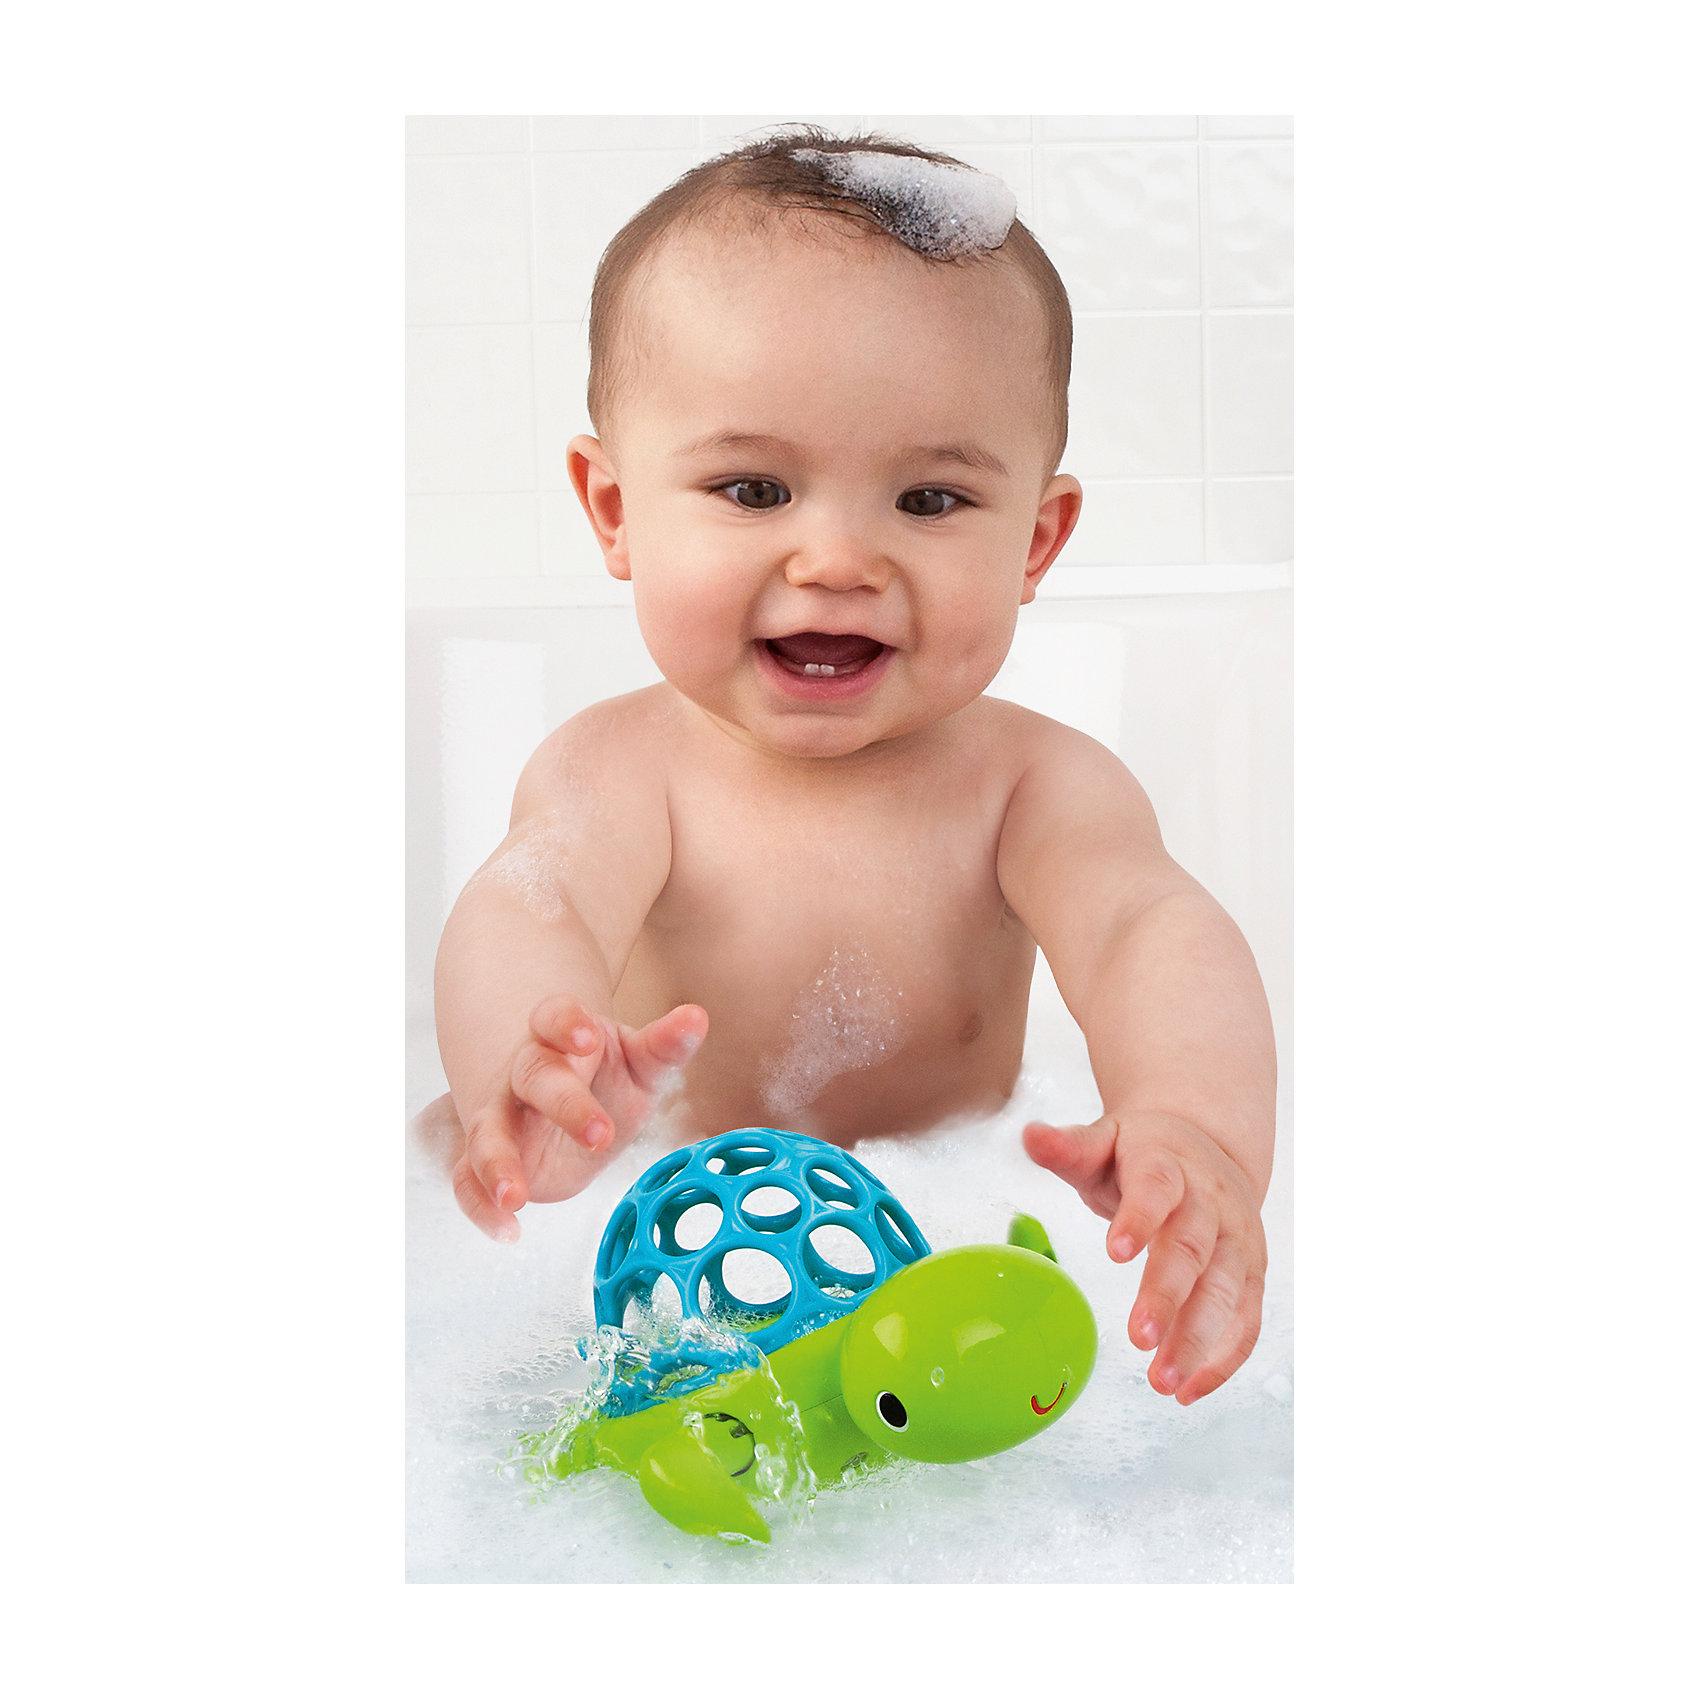 RU Игрушка для ванны Oball  «Черепашка»Игрушки для ванной<br>Игрушка для ванны Черепашка, Oball - забавная яркая игрушка, которая развлечет малыша во время купания. Черепашка выполнена в яркой зеленой расцветке, мягкий голубой панцирь в форме мячика изготовлен из резины. Круглые отверстия разного размера предназначены для<br>развития тактильного восприятия у ребенка и позволяют ему легко захватывать игрушку рукой. Заведите черепашку с помощью передних лапок и она поплывет по волнам, радуя и забавляя ребенка. Игрушка не имеет острых углов, выполнена из нетоксичного пластика, безопасного<br>для здоровья ребенка. Развивает воображение, внимание, зрение, тактильные восприятие, мелкую и крупную моторику, а также координацию движений.<br><br>Дополнительная информация:<br><br>- Материал: пластик, резина.<br>- Размер игрушки: 13,2 x 8,9 x 8,9 см. <br>- Размер упаковки: 13 х 10 х 14 см. <br>- Вес: 60 гр.<br><br>Игрушку для ванны Черепашка, Oball, можно купить в нашем интернет-магазине.<br><br>Ширина мм: 205<br>Глубина мм: 154<br>Высота мм: 86<br>Вес г: 243<br>Возраст от месяцев: 0<br>Возраст до месяцев: 36<br>Пол: Унисекс<br>Возраст: Детский<br>SKU: 4222560